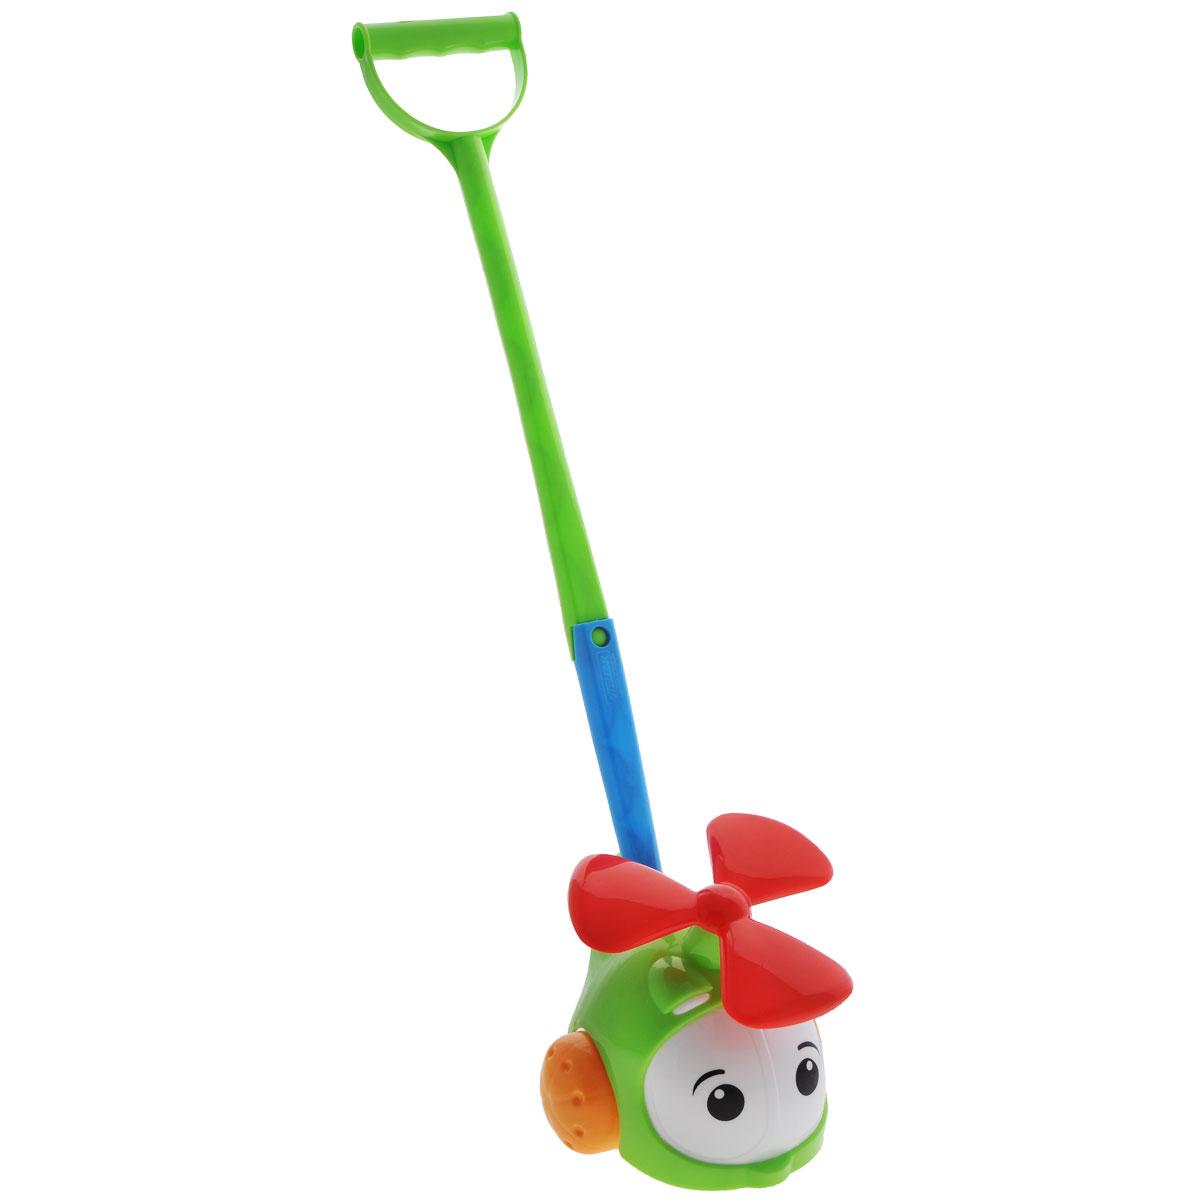 Игрушка-каталка Вертолетик, цвет: салатовый1376Яркая игрушка-каталка Вертолетик будет побуждать вашего ребенка к прогулкам и двигательной активности. Она подойдет для игры как дома, так и на свежем воздухе. Игрушка выполнена из полипропилена в виде милого вертолетика. Ребенок сможет катать игрушку, толкая ее перед собой, что позволит развить навык ползанья. Удобная съемная ручка-толкатель даст ребенку возможность не расставаться с любимой игрушкой, когда он научится ходить. Во время движения у вертолетика крутится винт. Игрушка-каталка Вертолетик развивает у ребенка пространственное мышление, цветовое восприятие, ловкость и координацию движений, тактильные ощущения, память, внимание и слух.